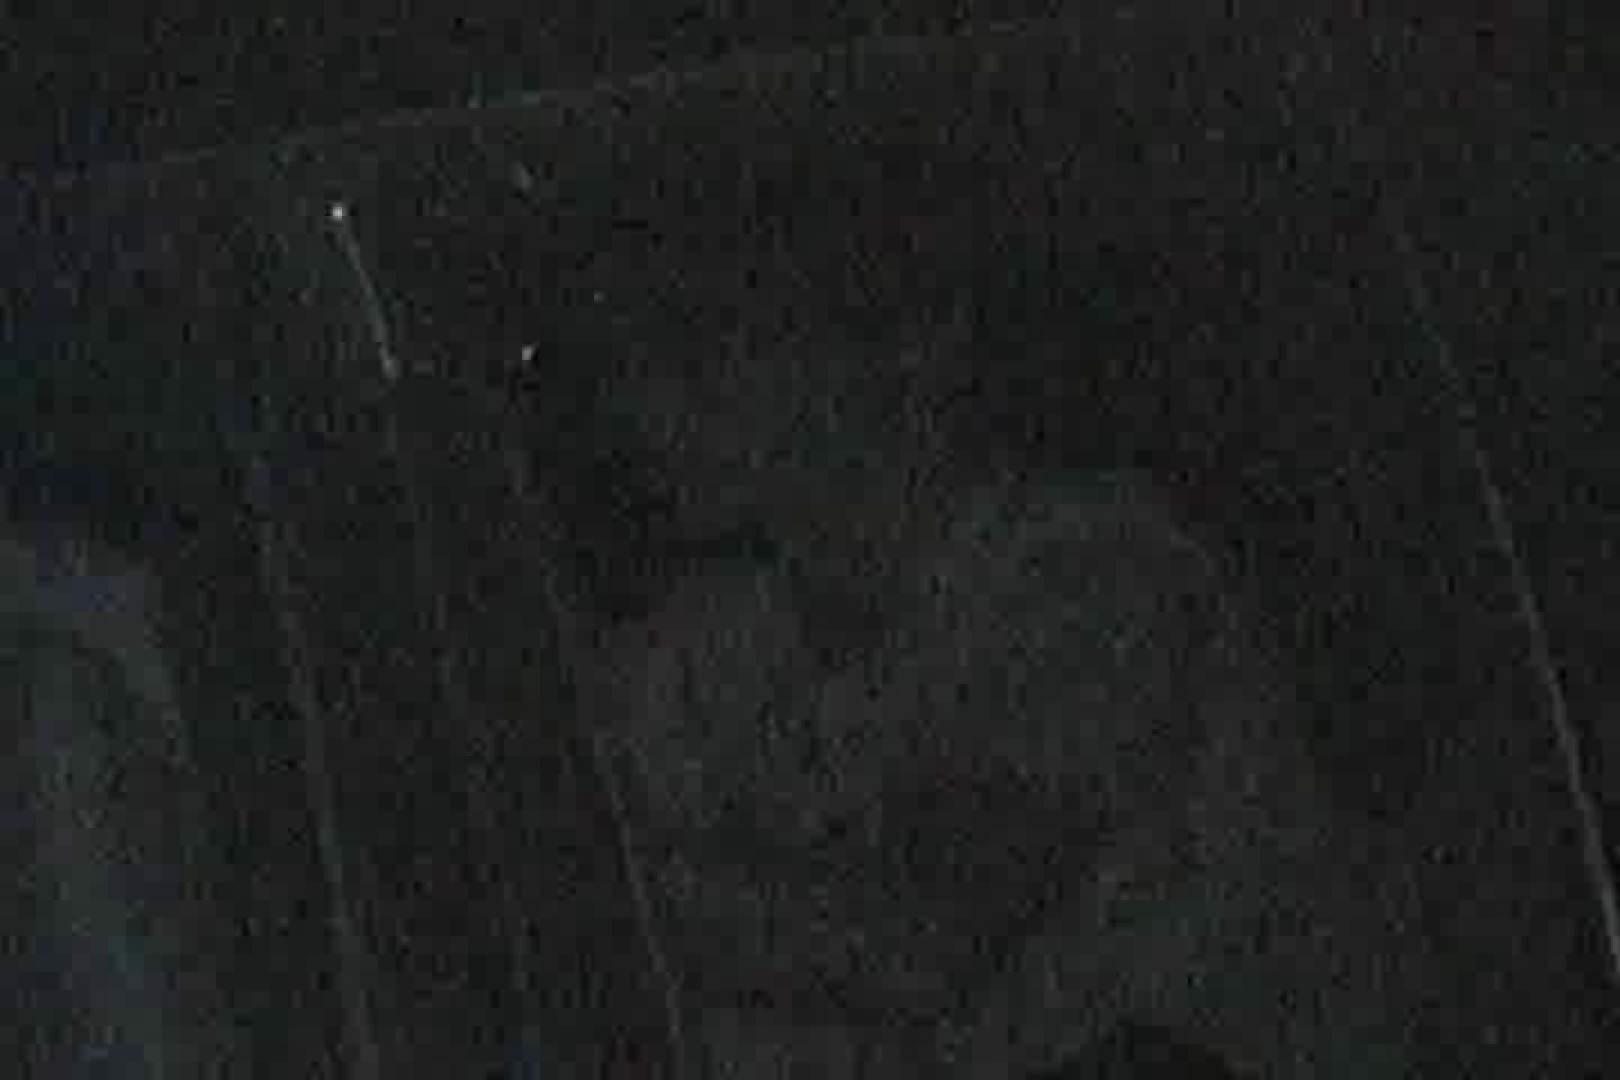 充血監督の深夜の運動会Vol.8 おっぱい オマンコ無修正動画無料 106画像 38